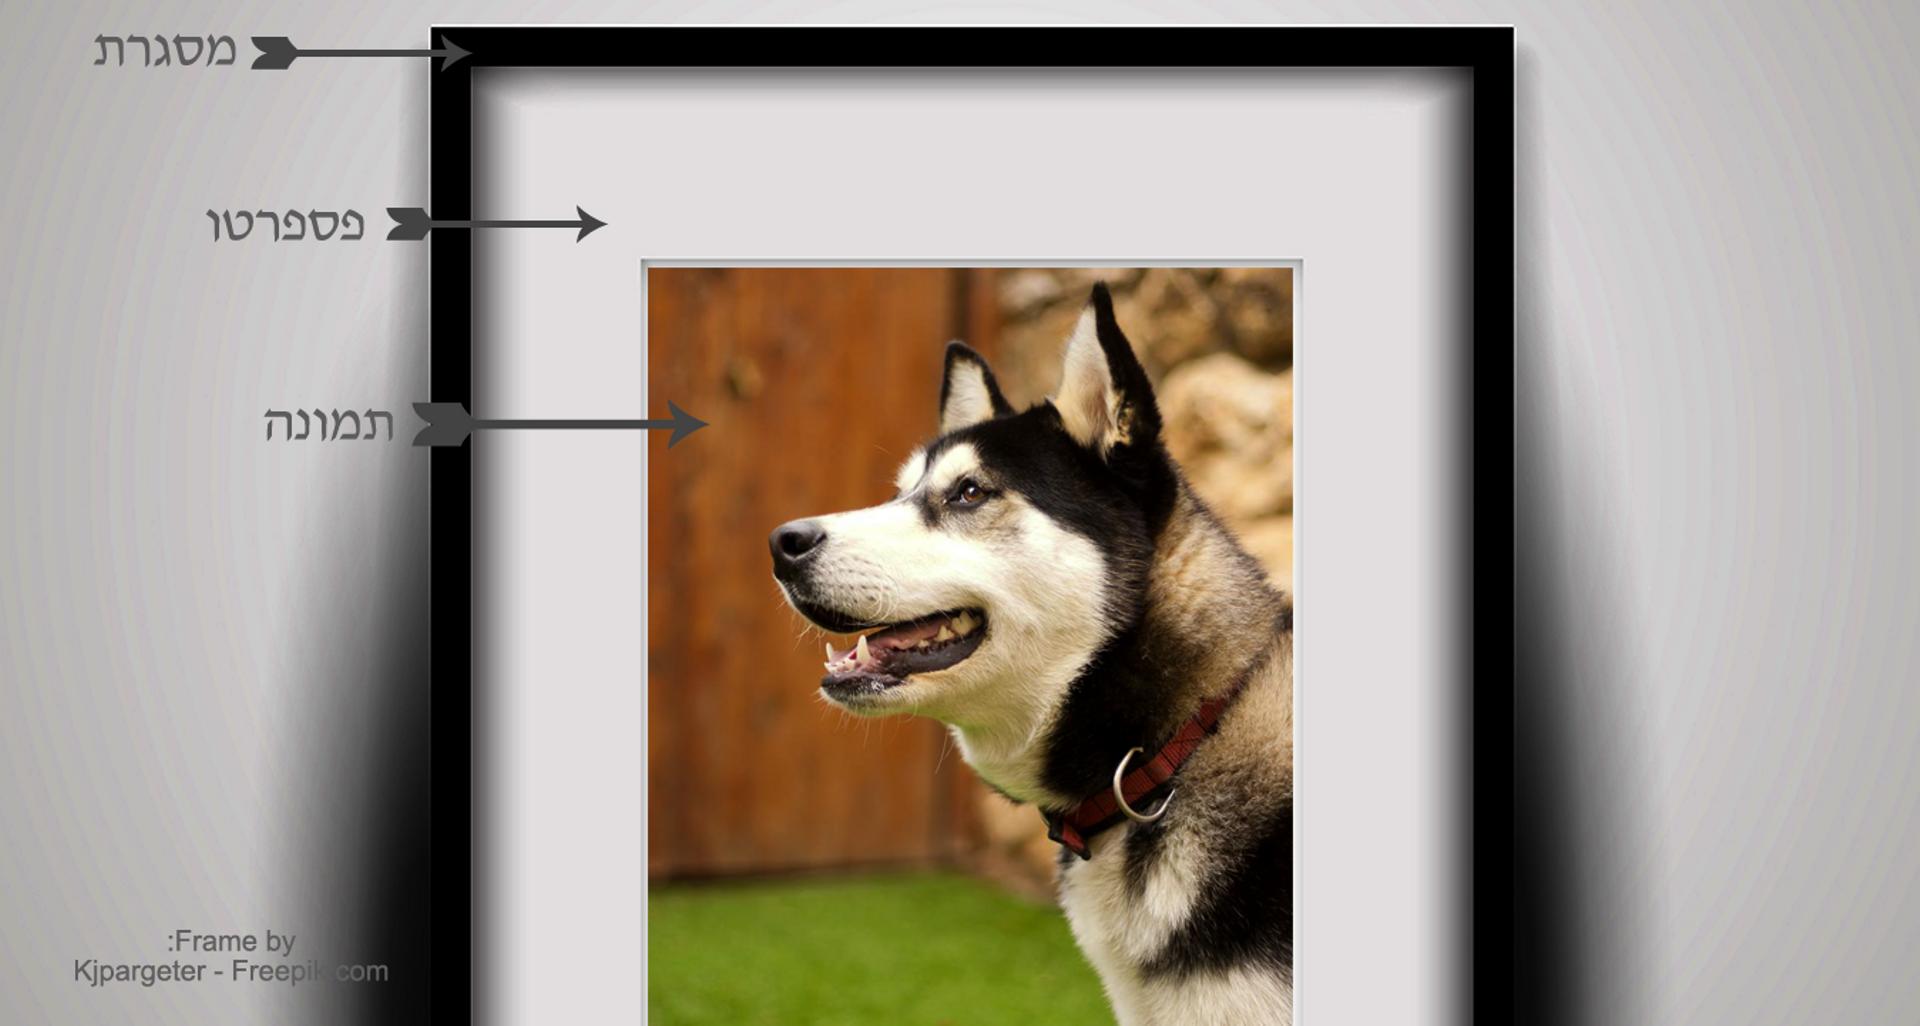 =מסגרת תמונה איכותית דגם FR9307, כולל הדפסת תמונה.